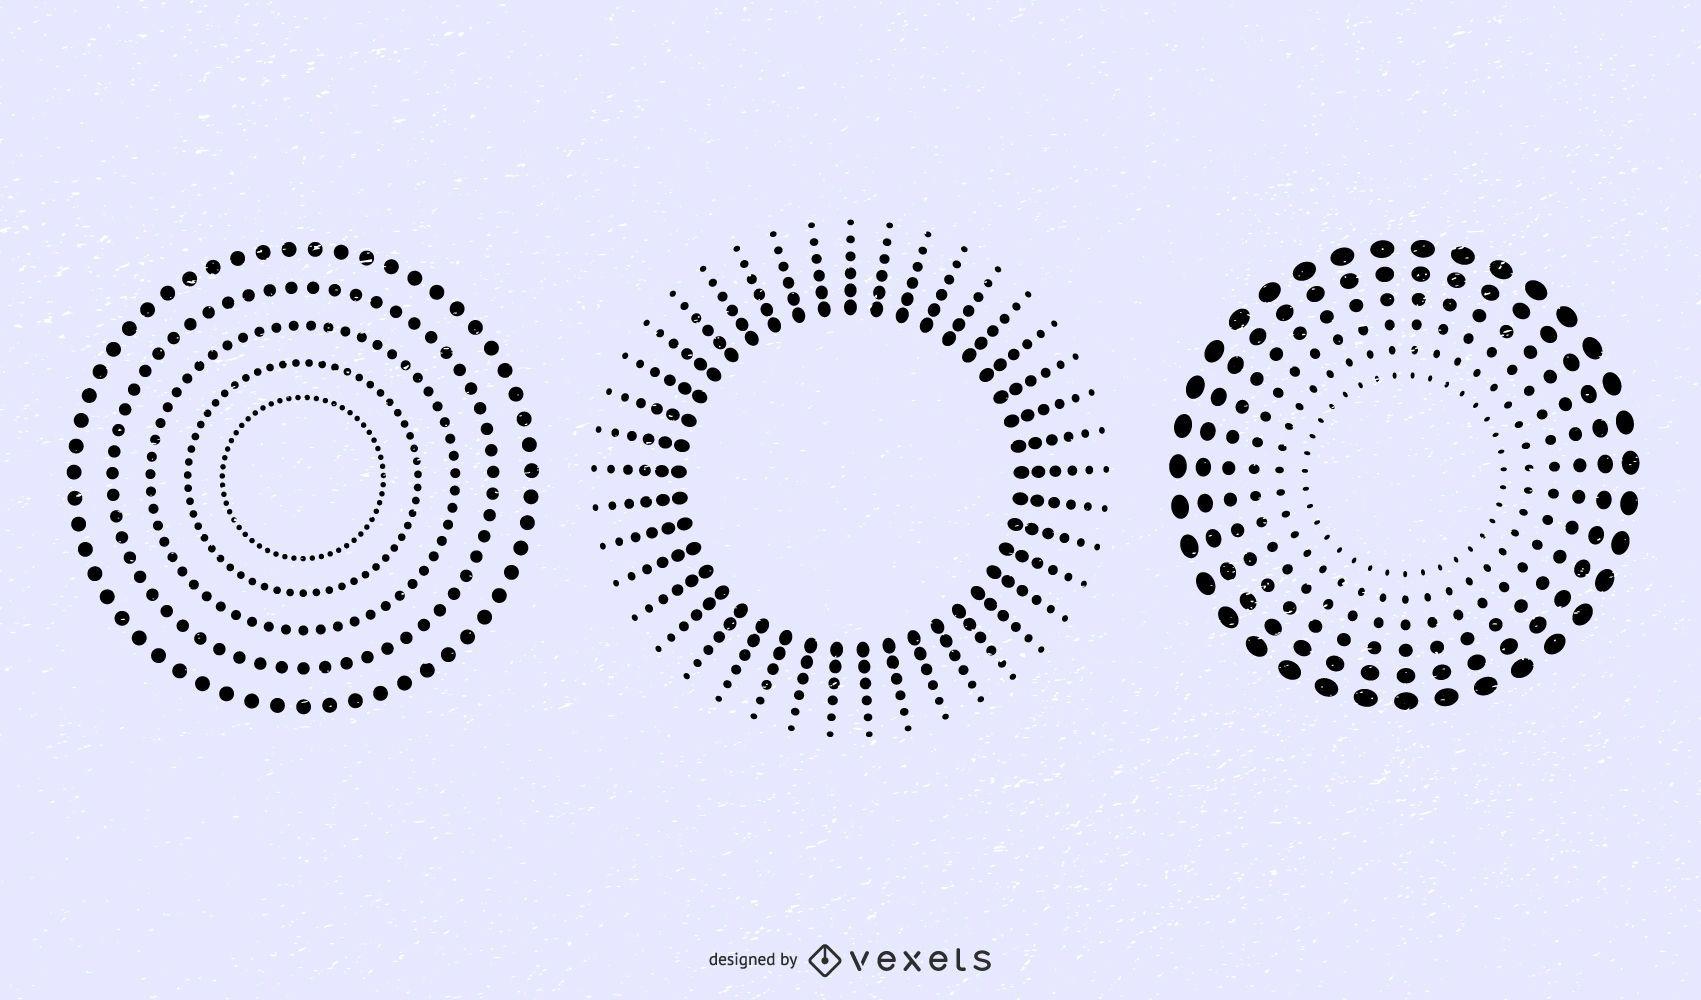 Puntos vectoriales y patrón de semitonos